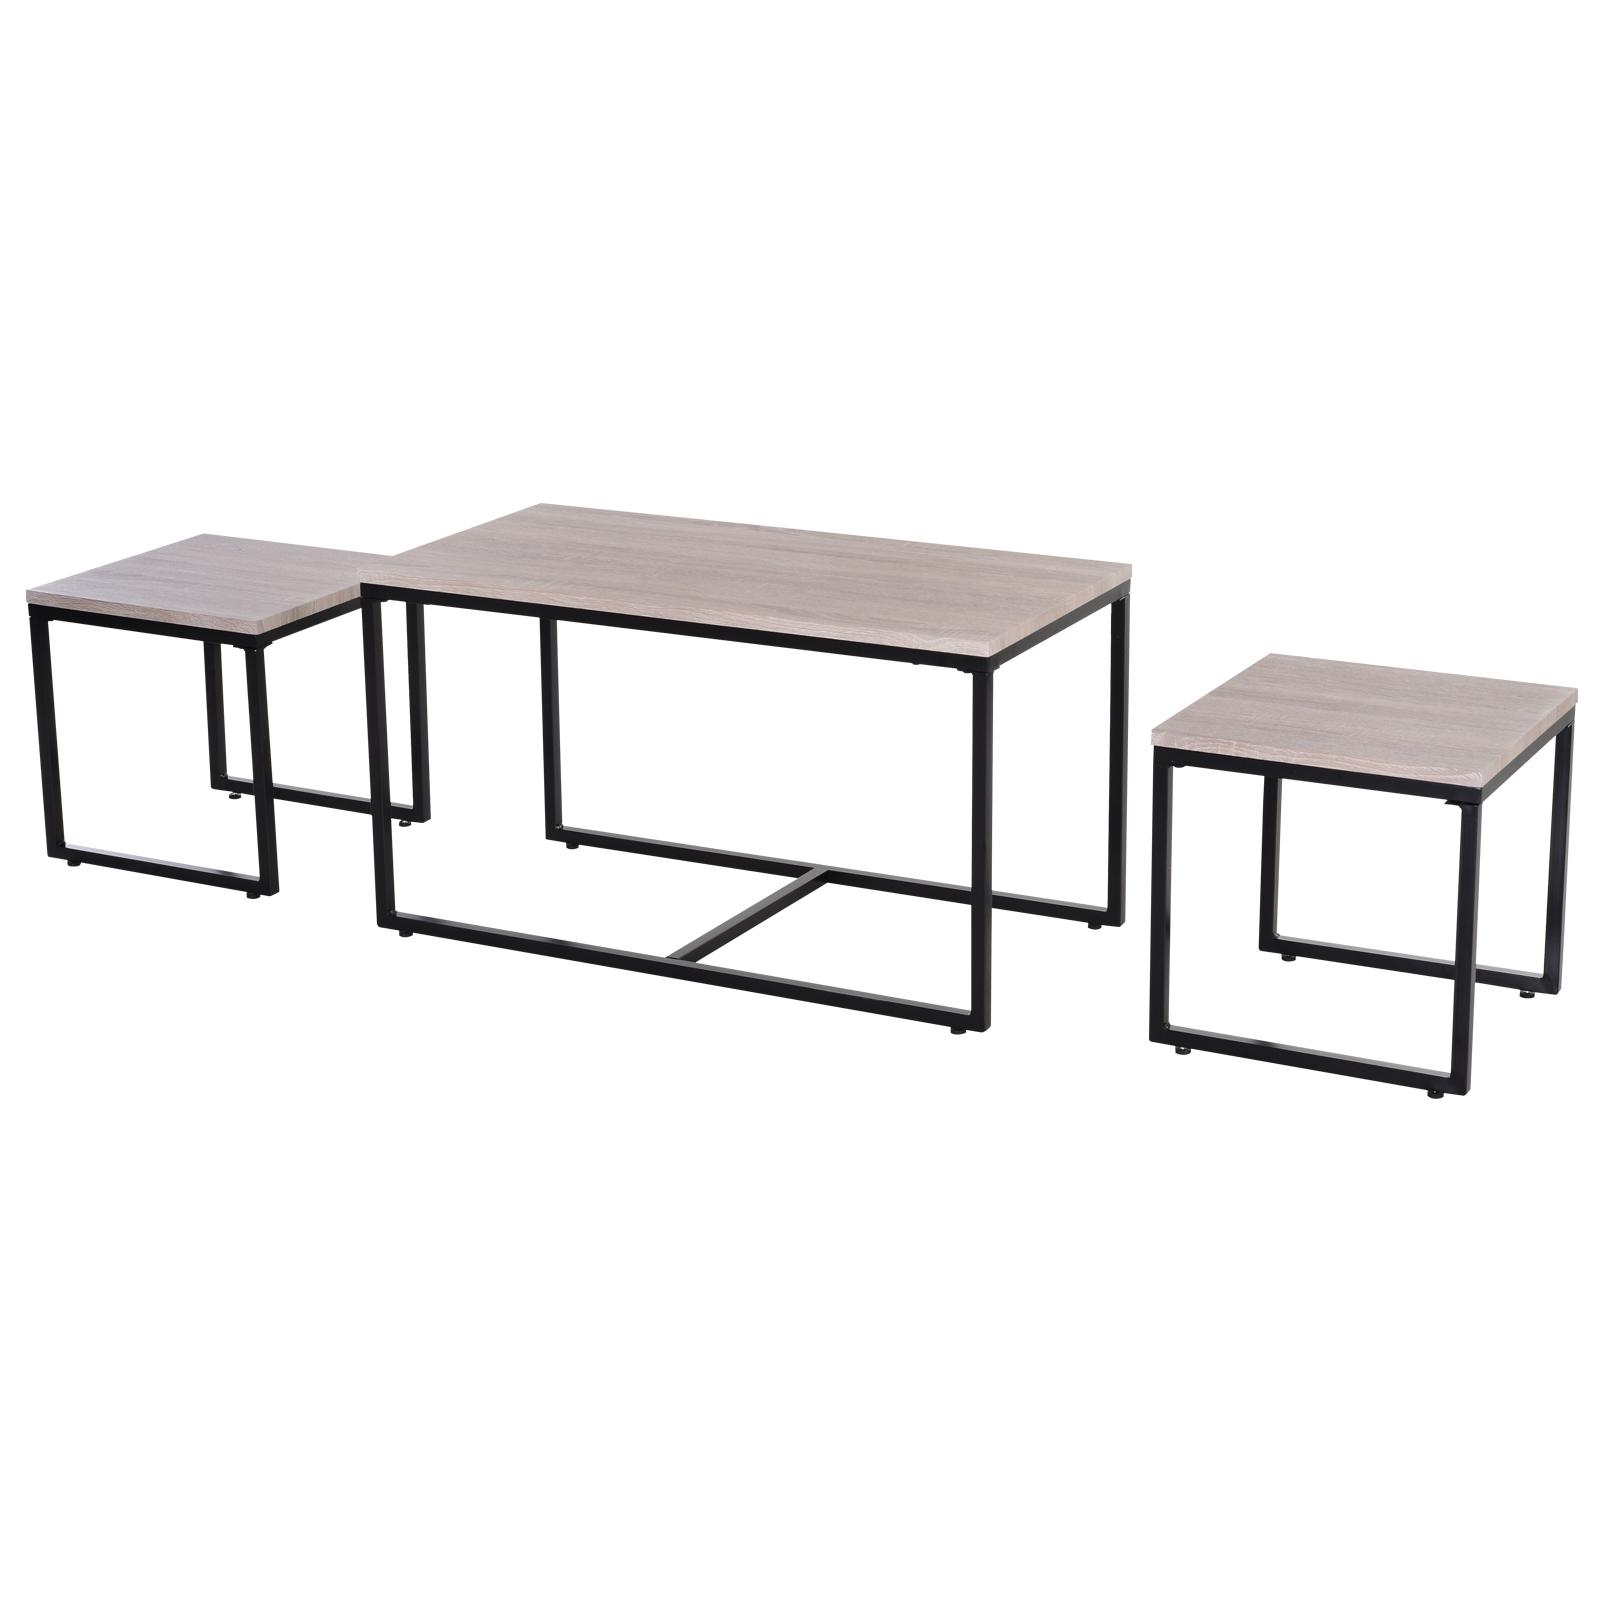 Homcom Lot de 3 tables basses gigognes design industriel encastrable dim. grande table 90L x 45l x 50H cm métal noir MDF chêne clair